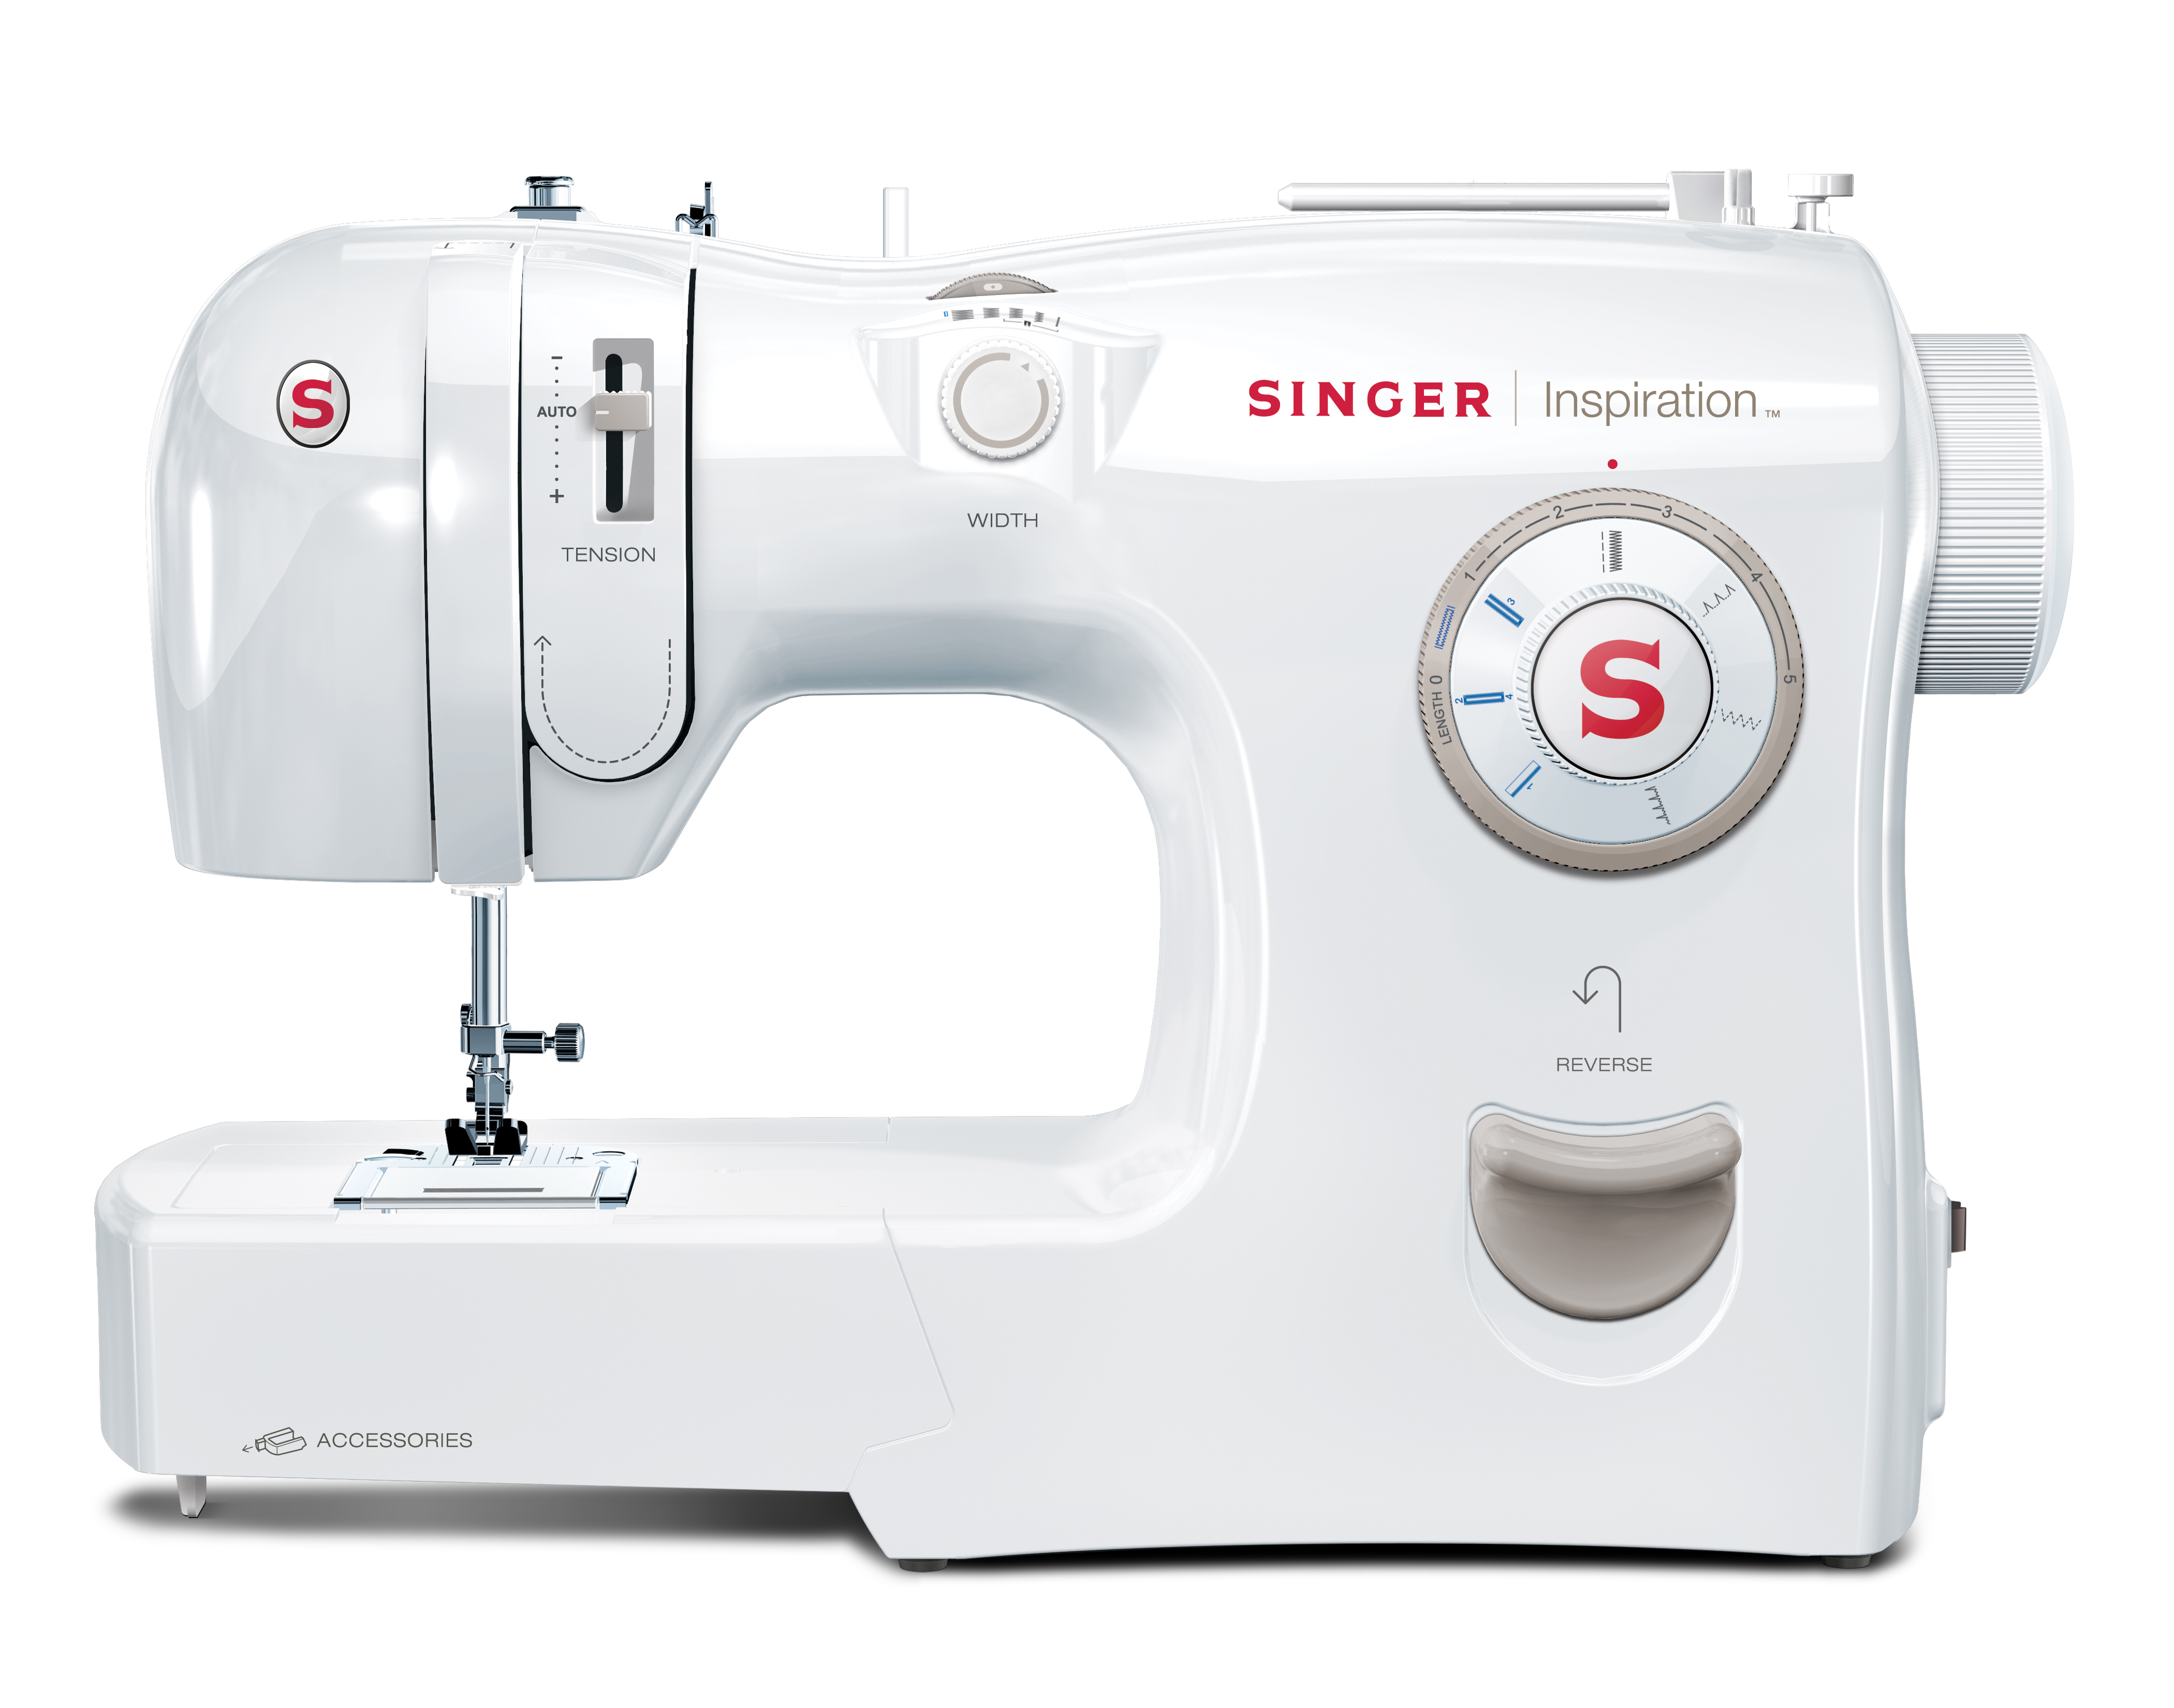 singer inspiration model 4205 sewing machine. Black Bedroom Furniture Sets. Home Design Ideas